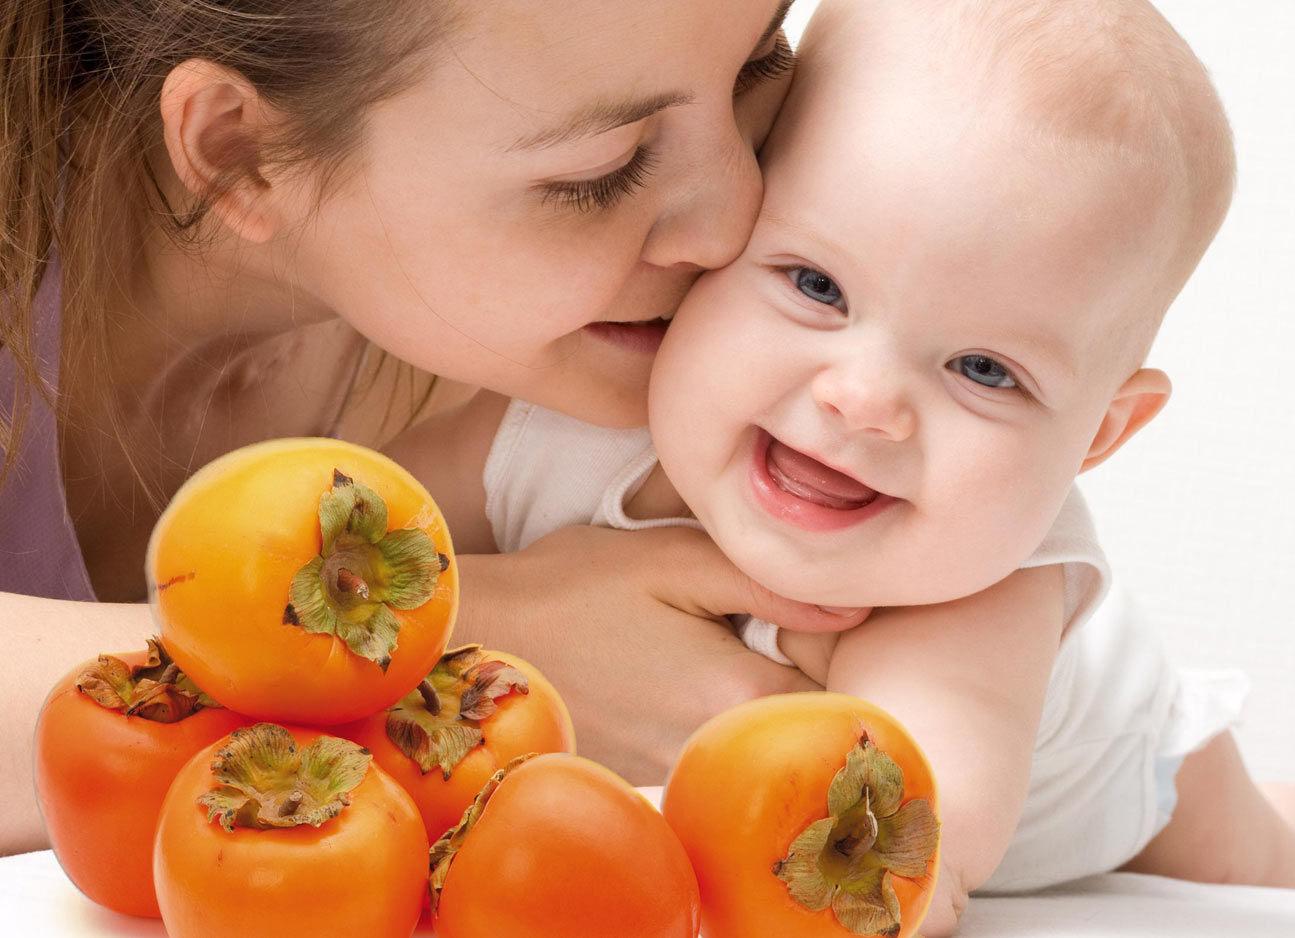 Может ли навредить здоровью хурма? сколько можно есть сладкой ягоды в день?